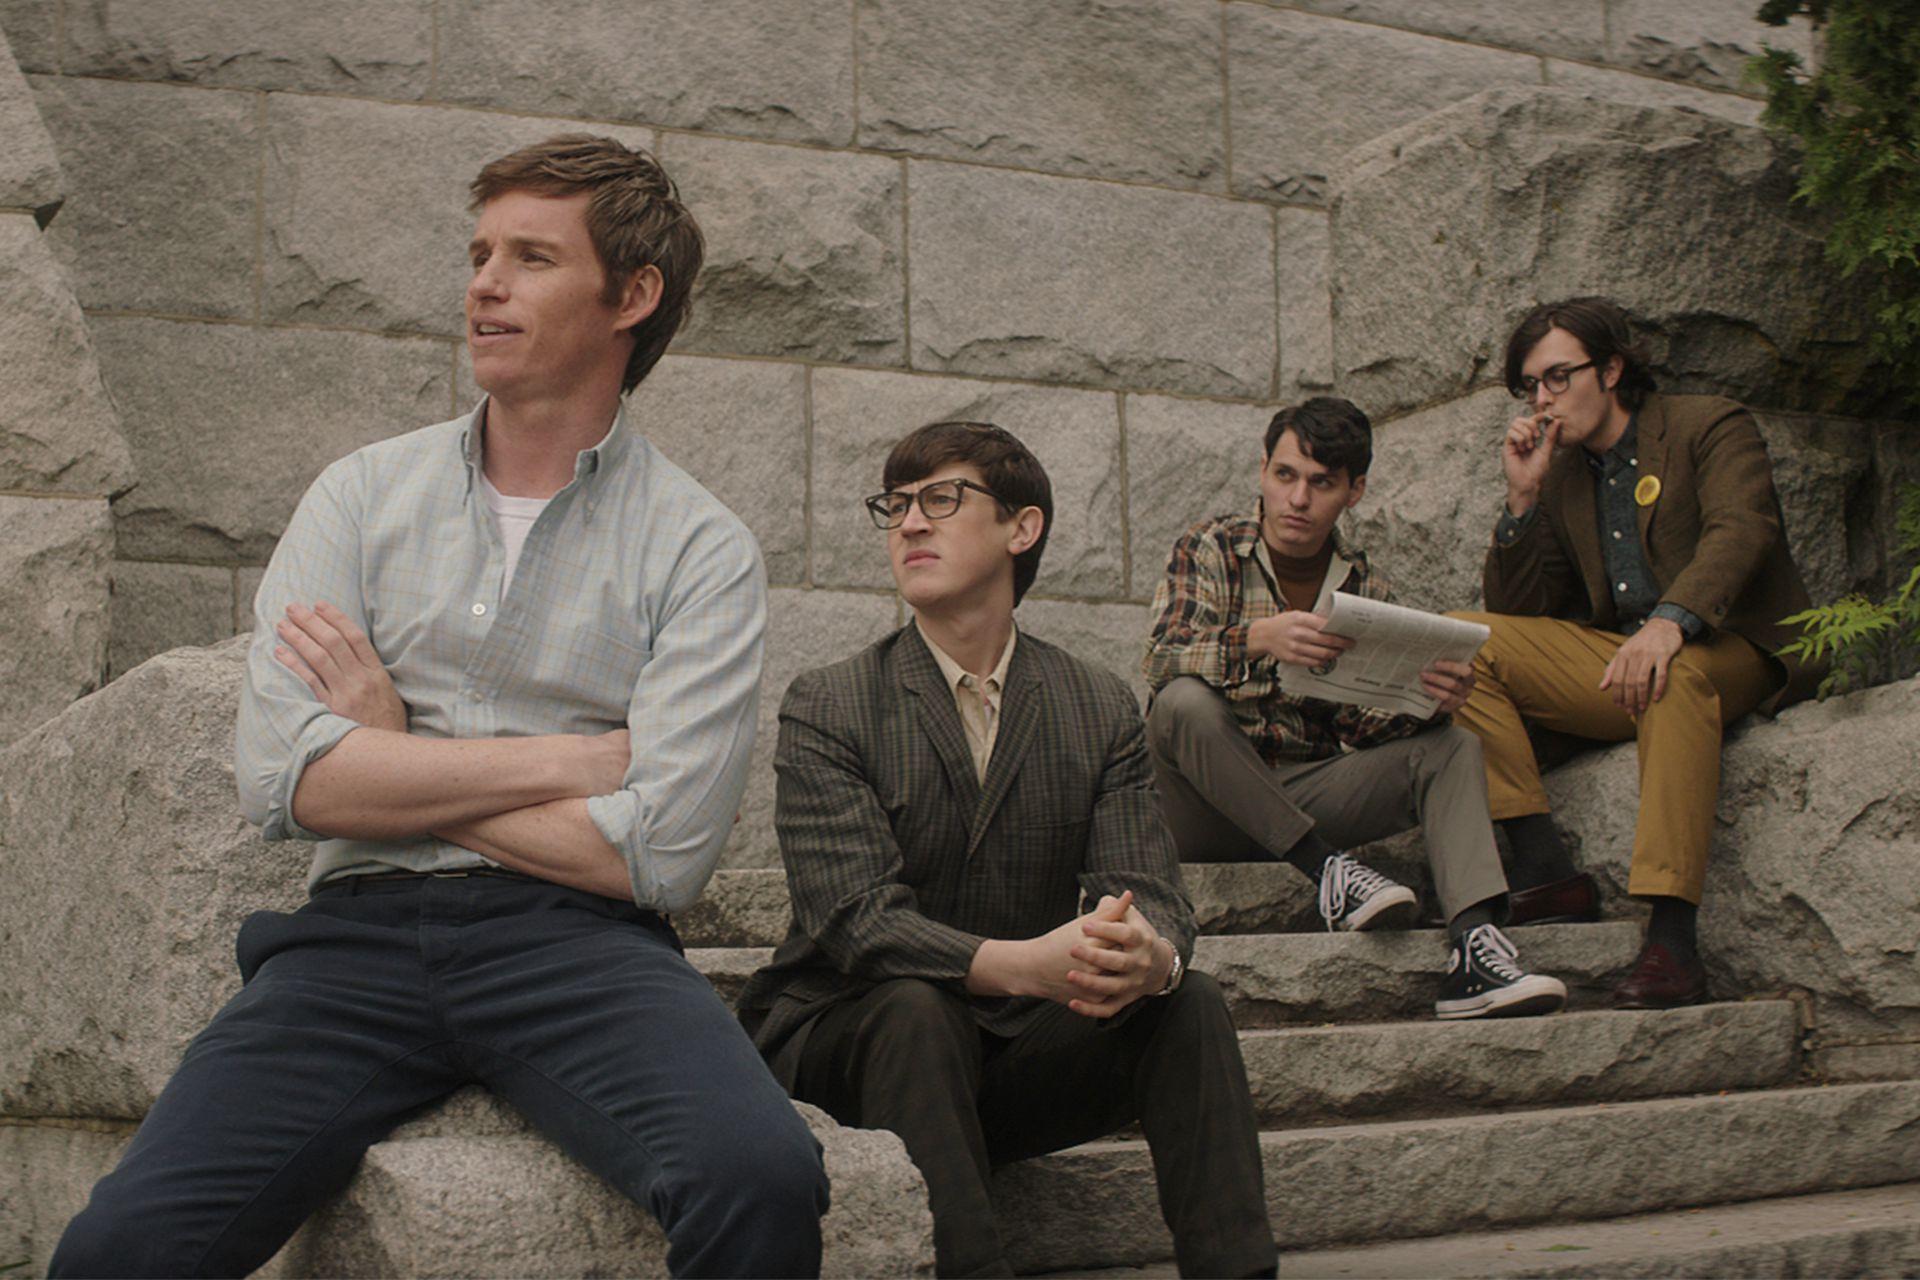 La película de Sorkin, como la mayor parte de su obra, es explícitamente política